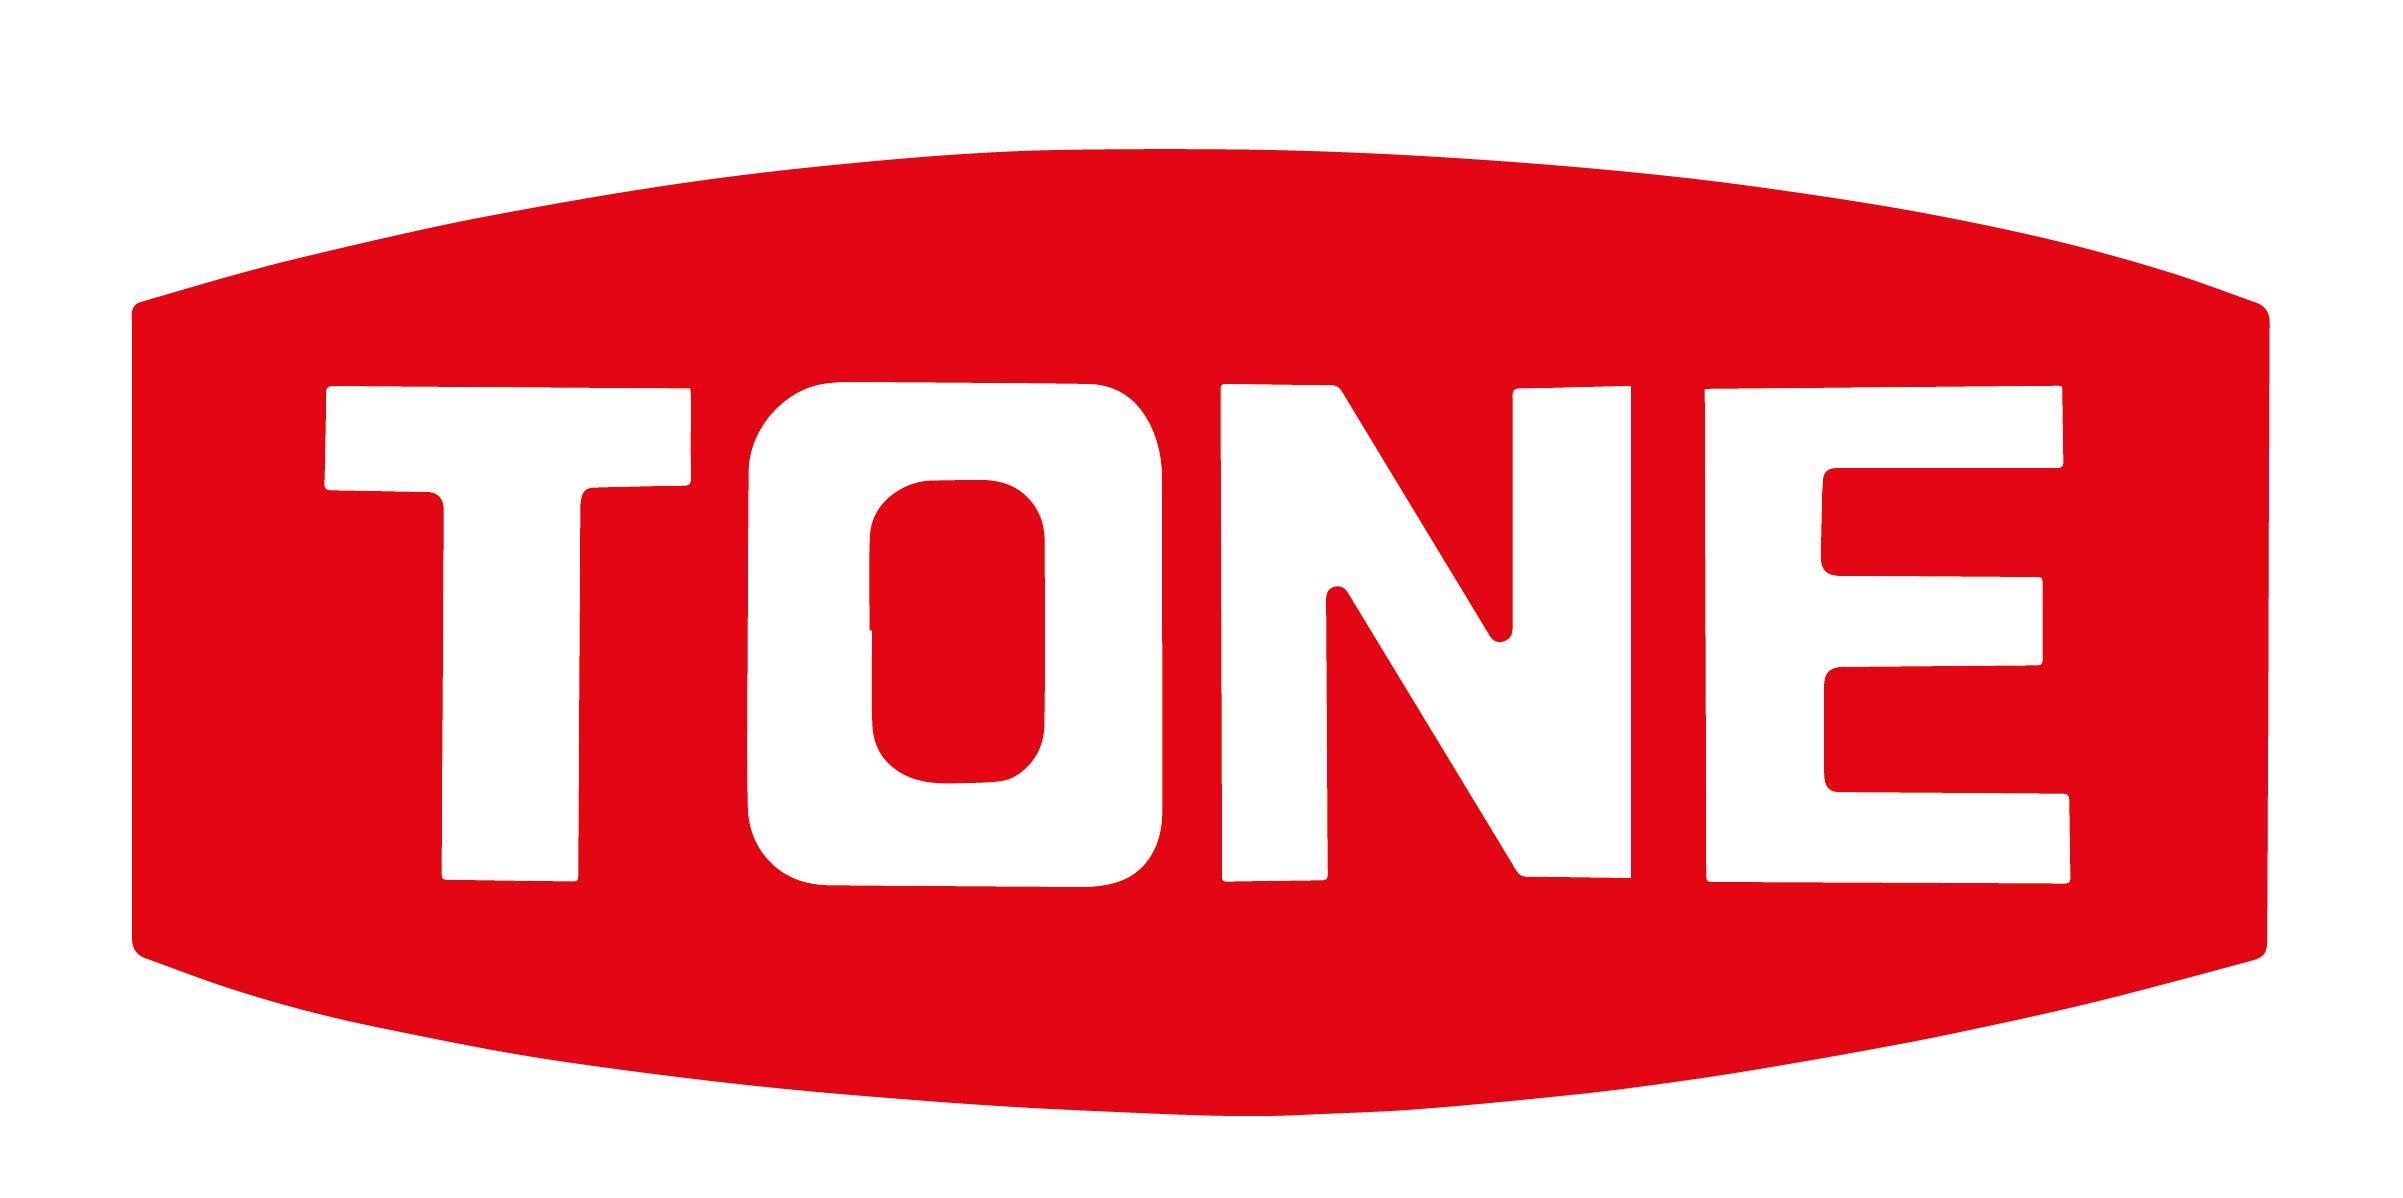 Tone - nhà sản xuất sản phẩm dụng cụ siết  lực chất lượng hàng đầu Nhật Bản về